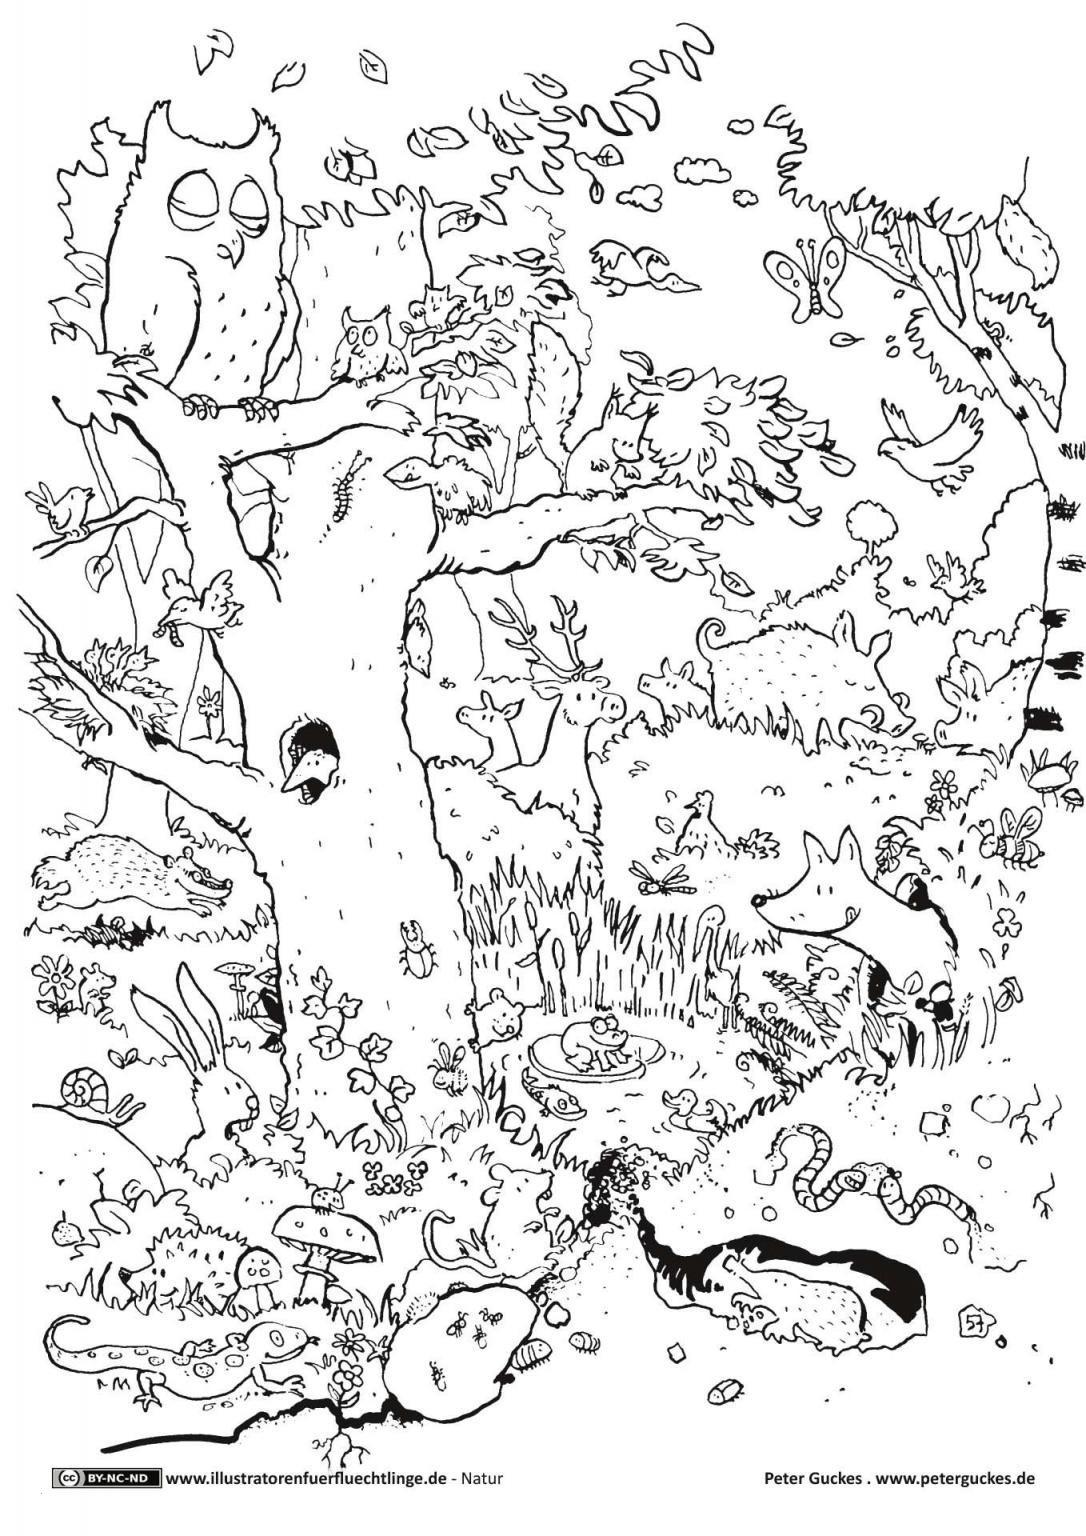 Ausmalbild Ninjago Drache Das Beste Von Lovely Die Erstaunliche Ausmalbilder Ninjago Drachen Malvorlagen Fur Sammlung